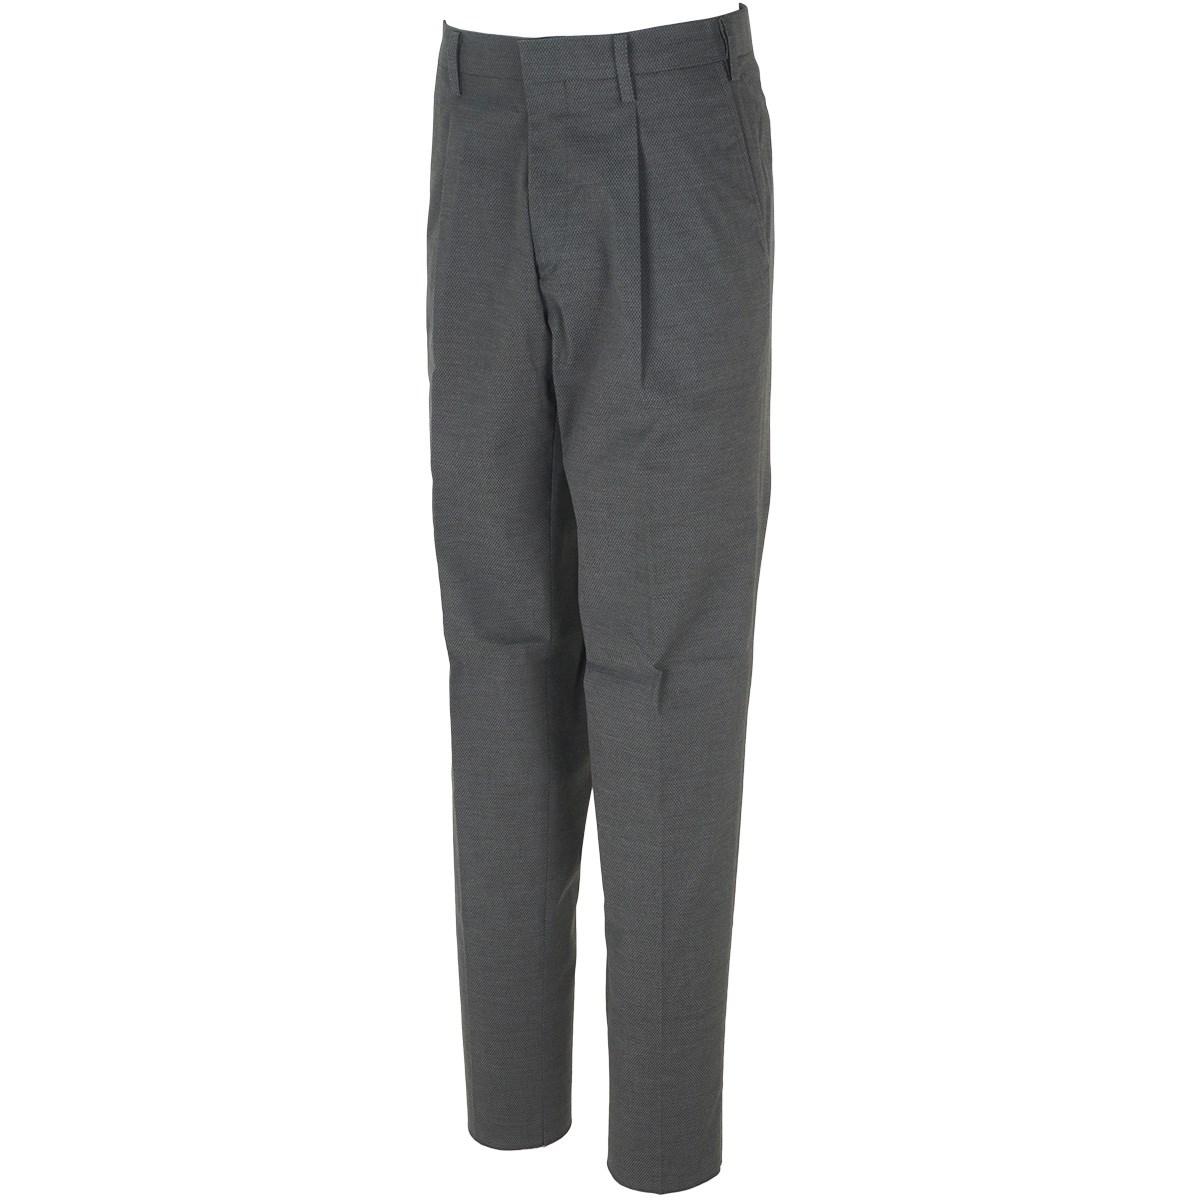 マンシングウェア Munsingwear ワンタック&ウエストフリーストレッチパンツ 79 グレー 00